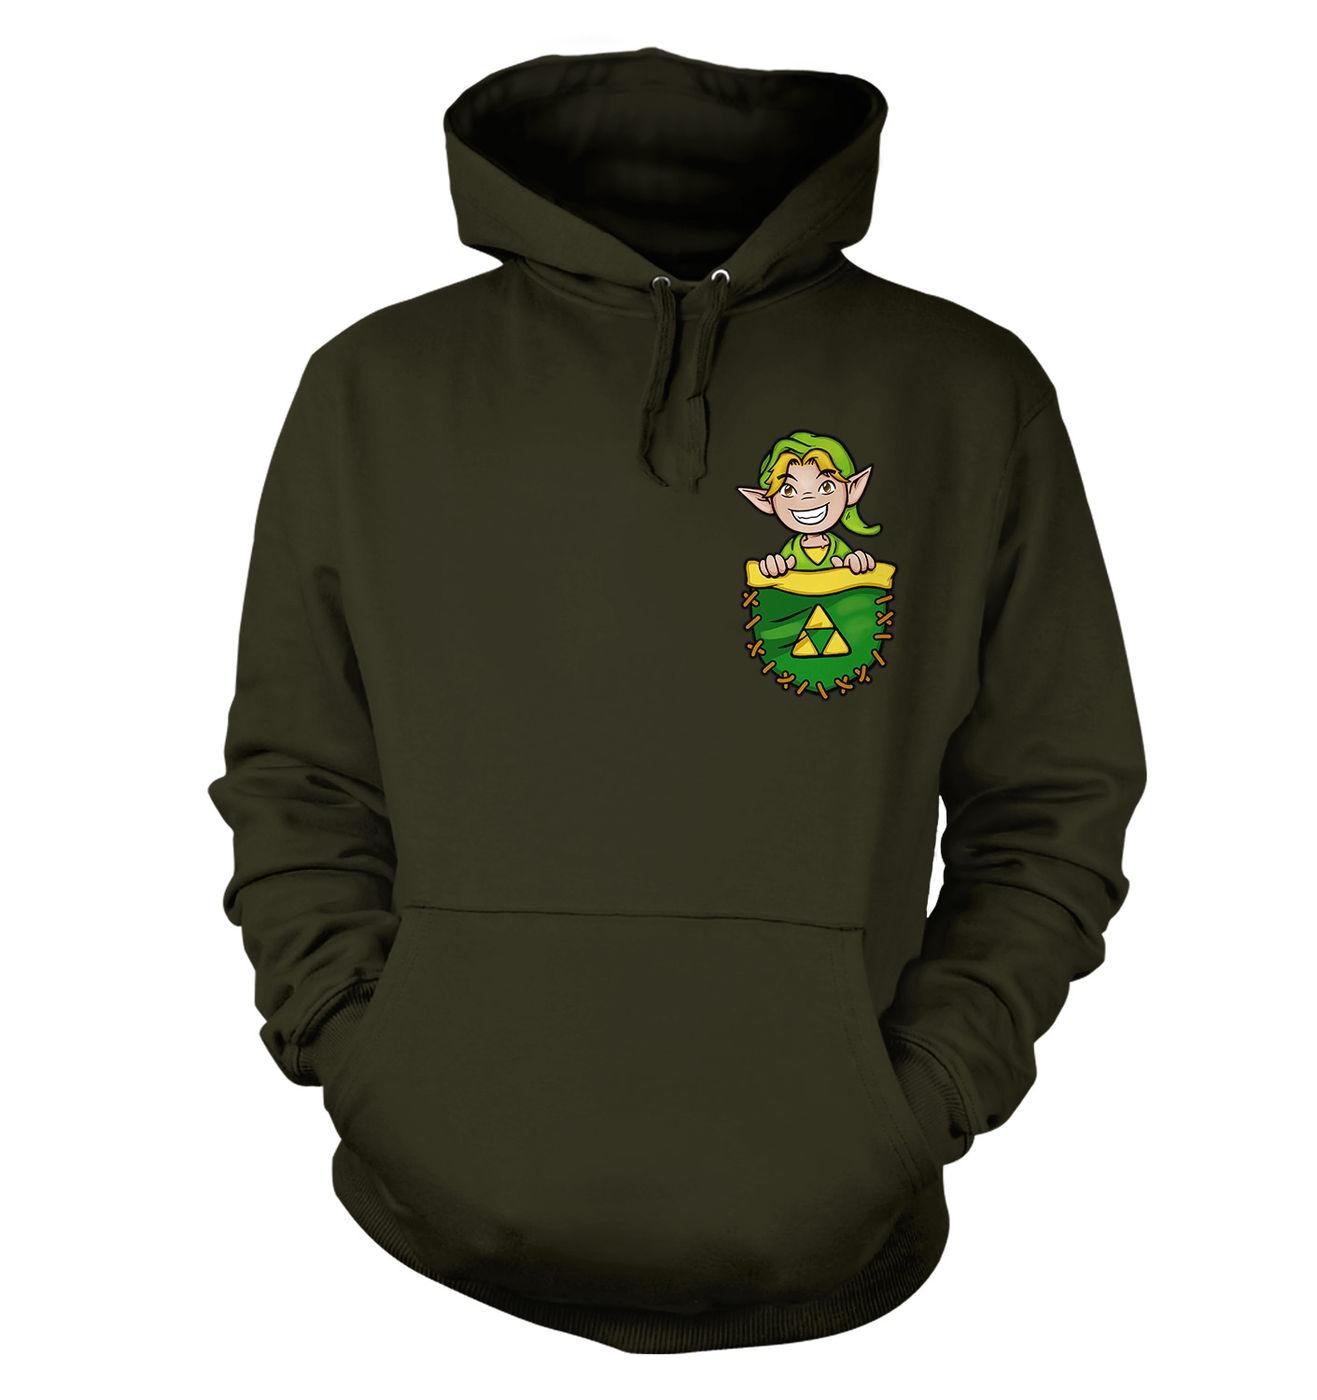 Pocket Hyrule Warrior hoodie by Something Geeky